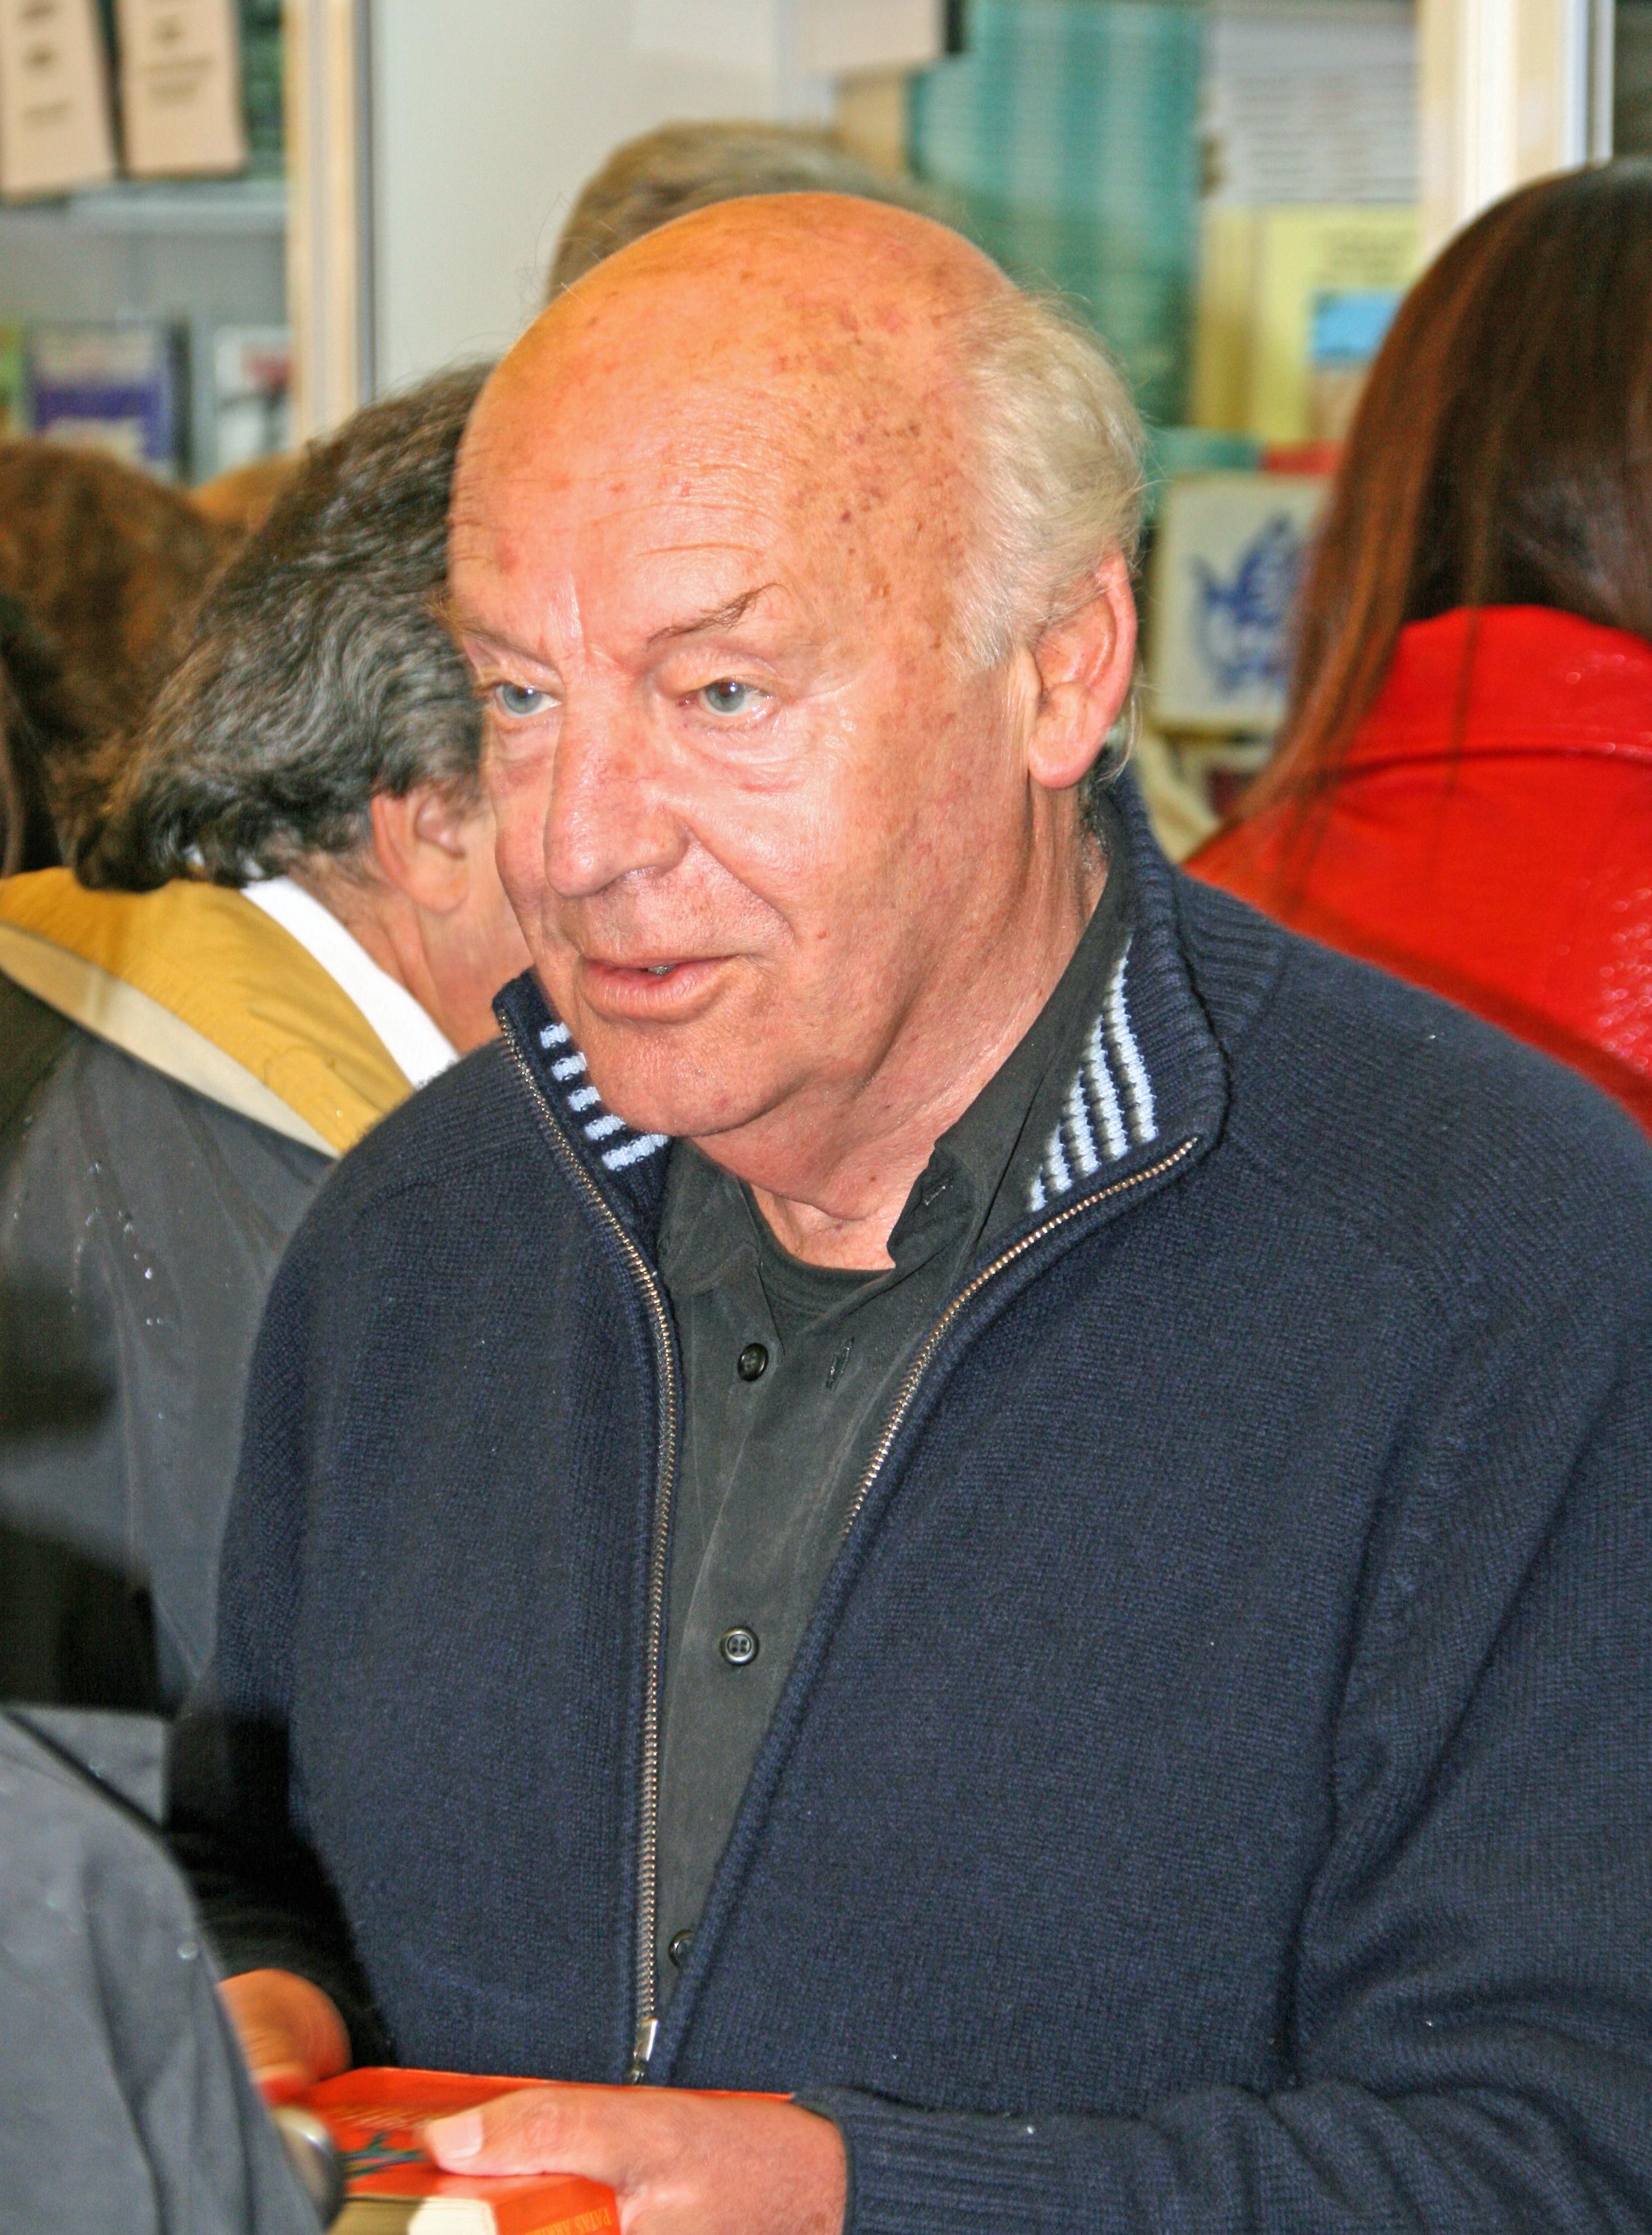 Eduardo Galeano en la Feria del Libro de Madrid en 2008.